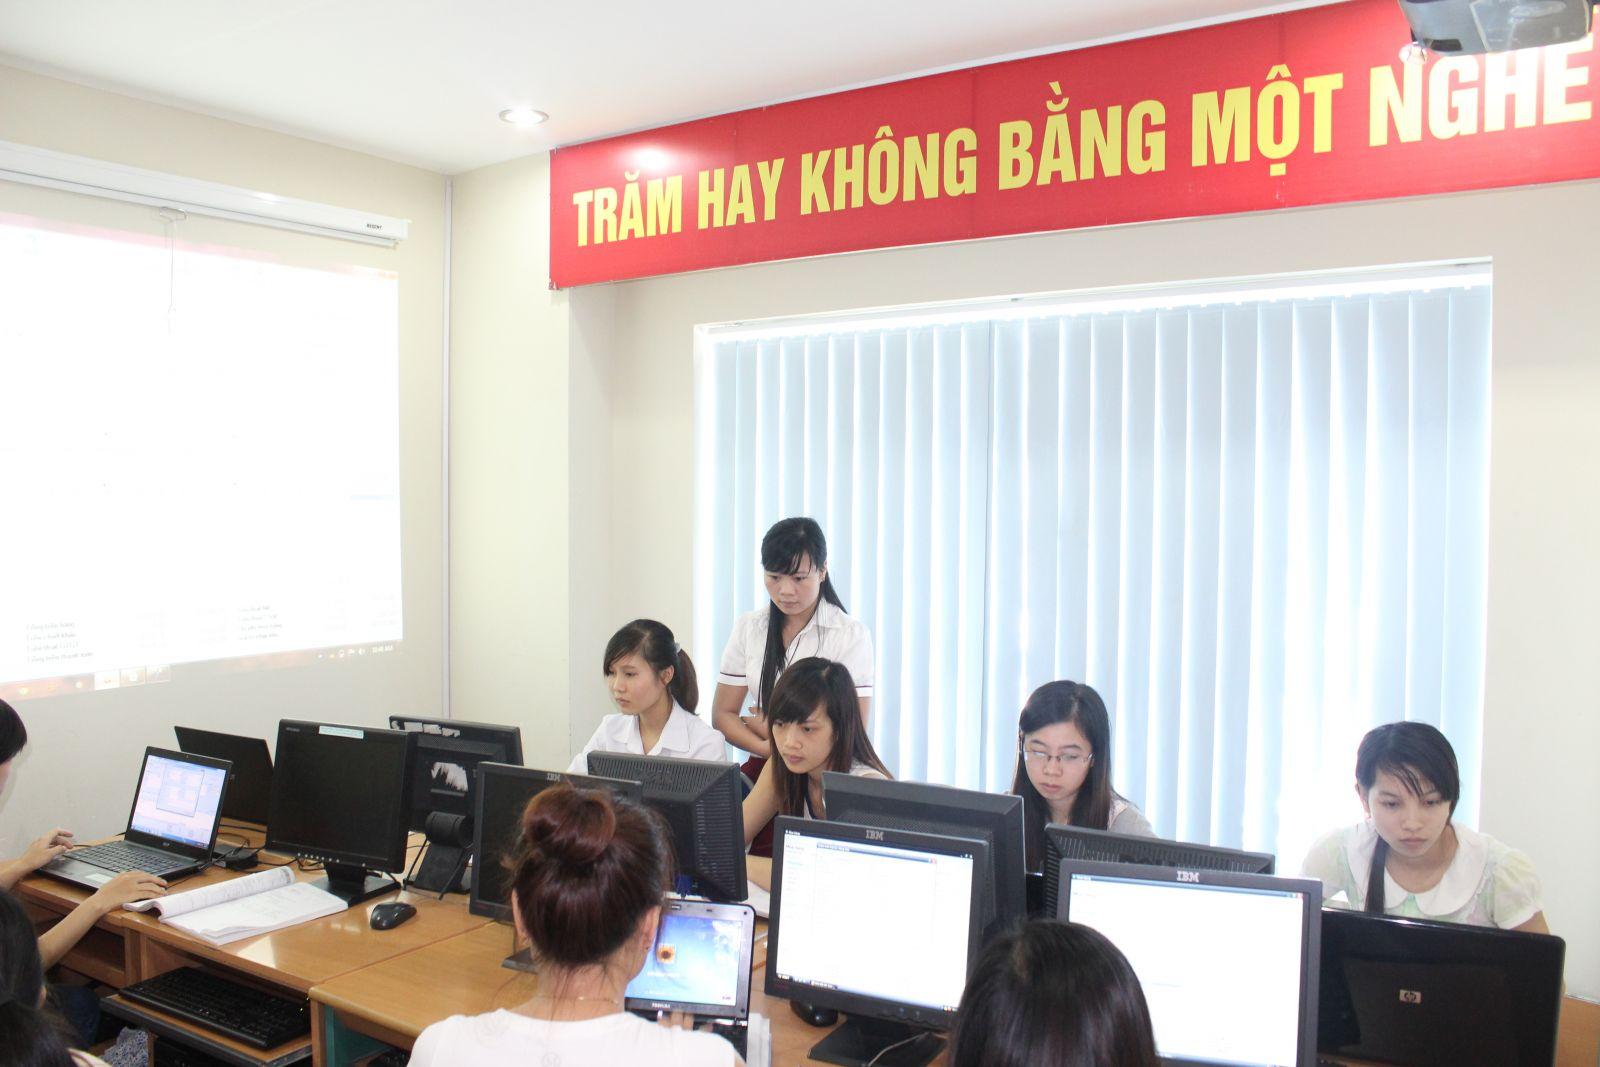 Hình ảnh lớp học tại Trung tâm đào tạo kế toán tại Thái Bình